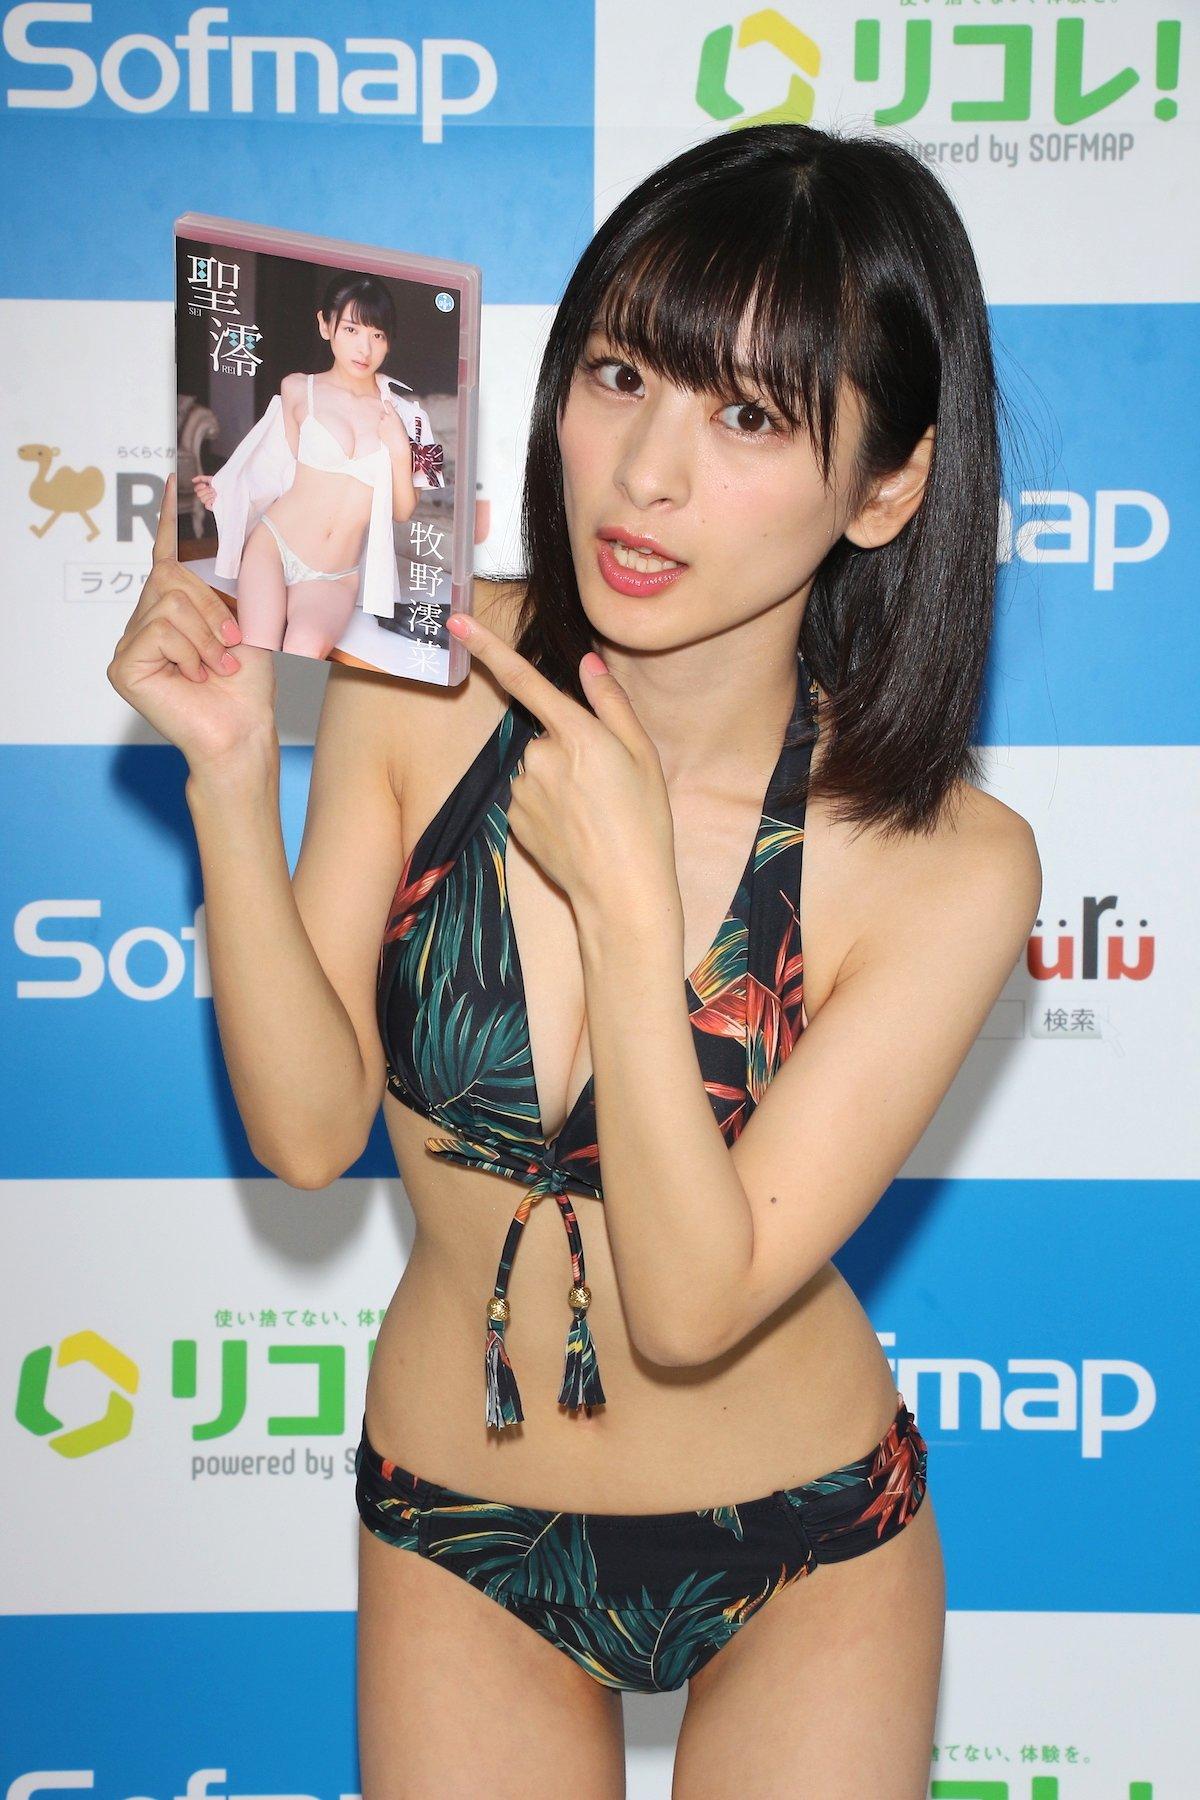 牧野澪菜「144cmのセクシーボディ」スクール水着でやらかしちゃった【画像61枚】の画像059